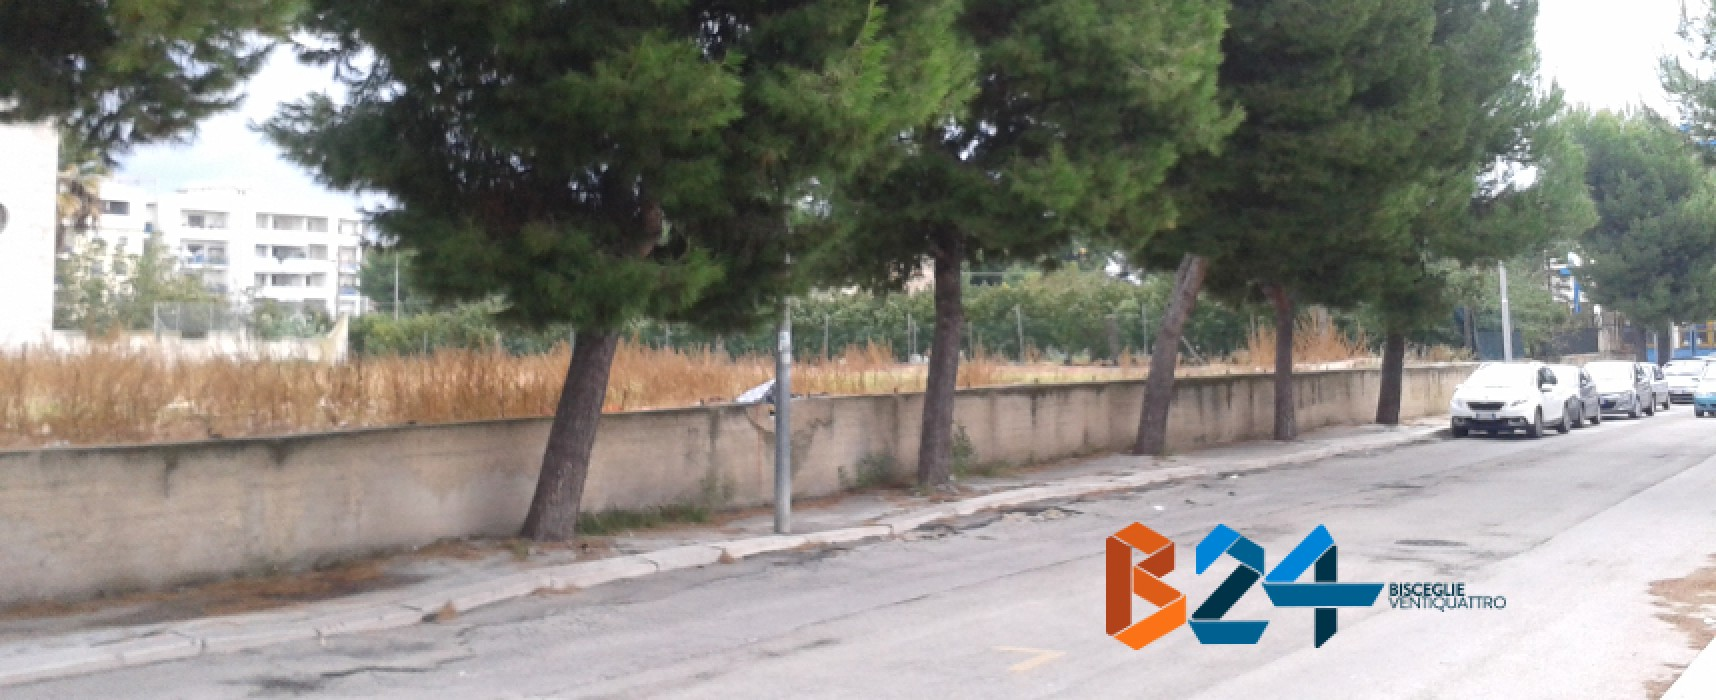 Via G. Veneziano: tratto di strada abbandonato a se stesso, tra buche e marciapiedi rotti / FOTO